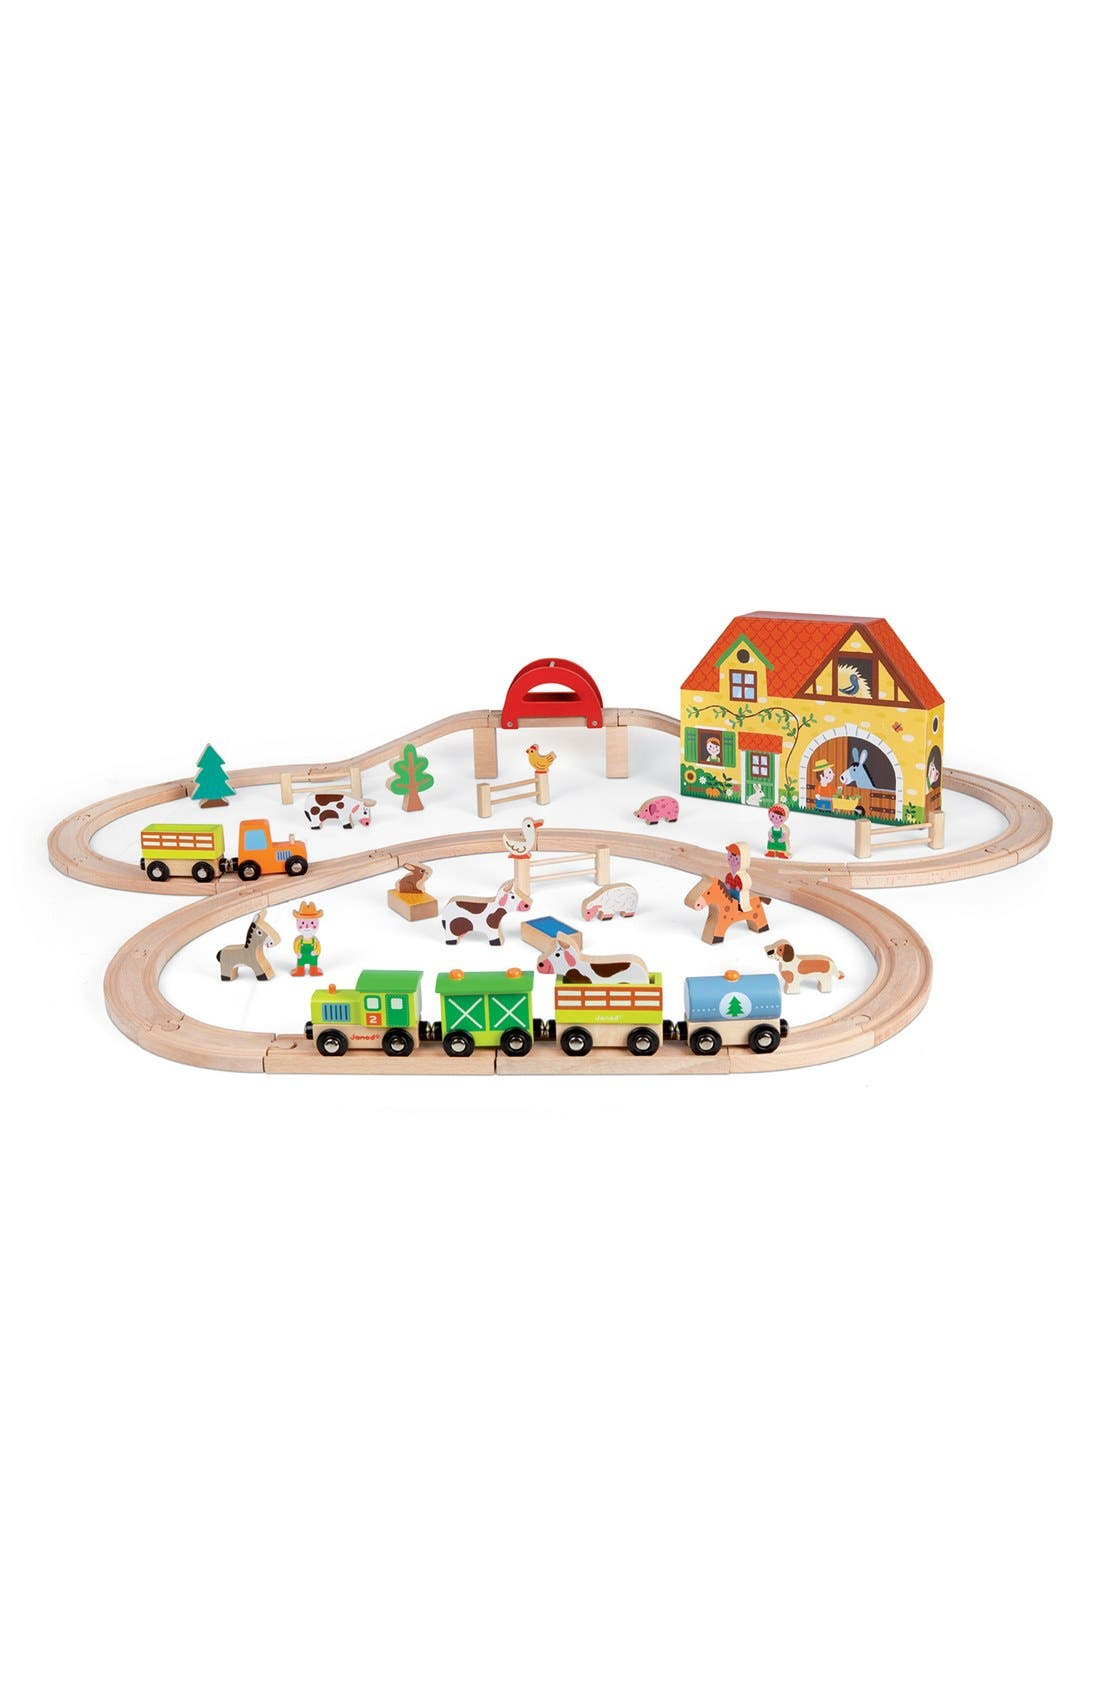 'Story Express - Farm' Train Set,                             Alternate thumbnail 3, color,                             960